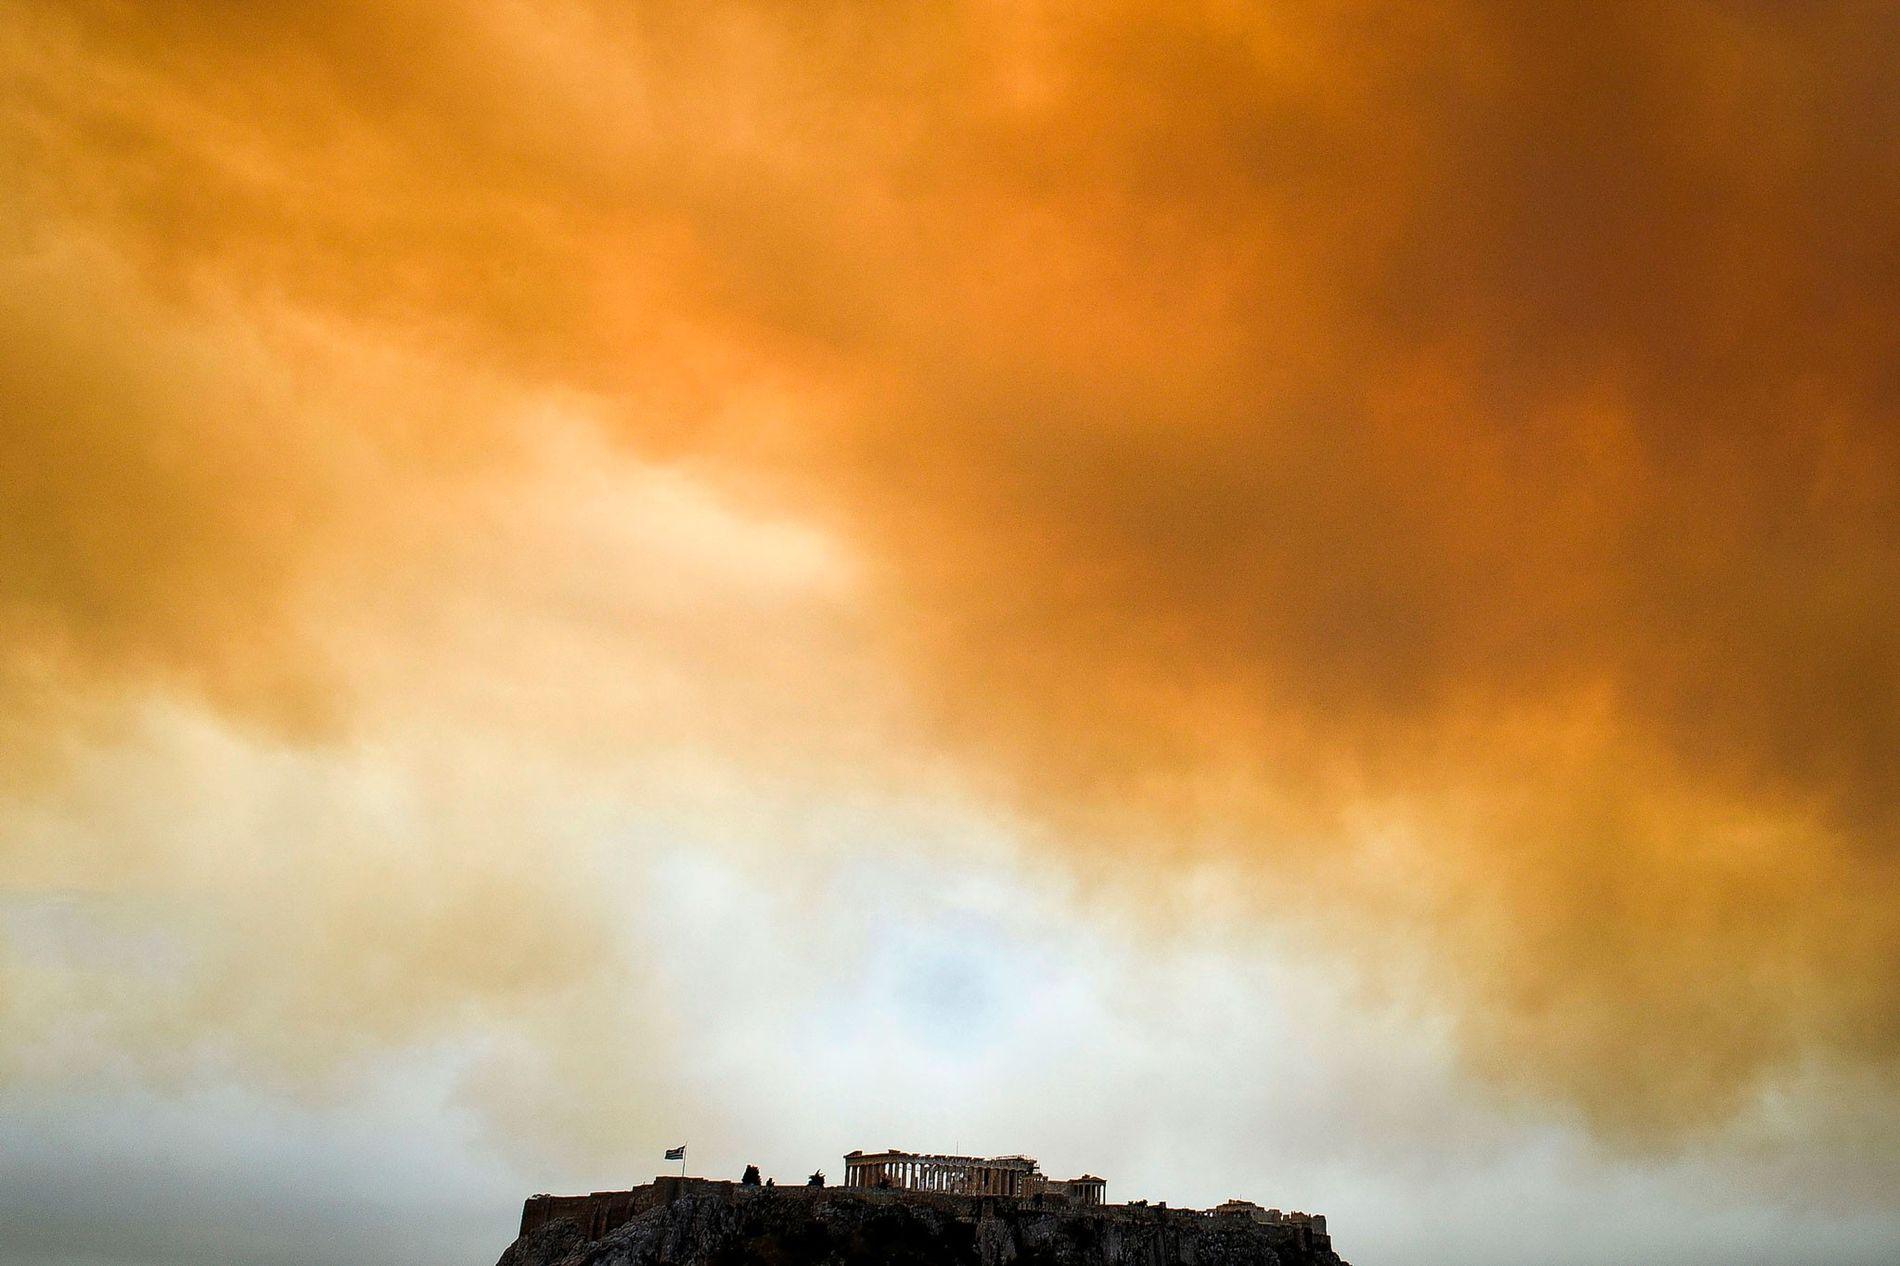 O Partenon, antigo templo erguido na Acrópoles em Atenas, na Grécia, em meio à fumaça que ...